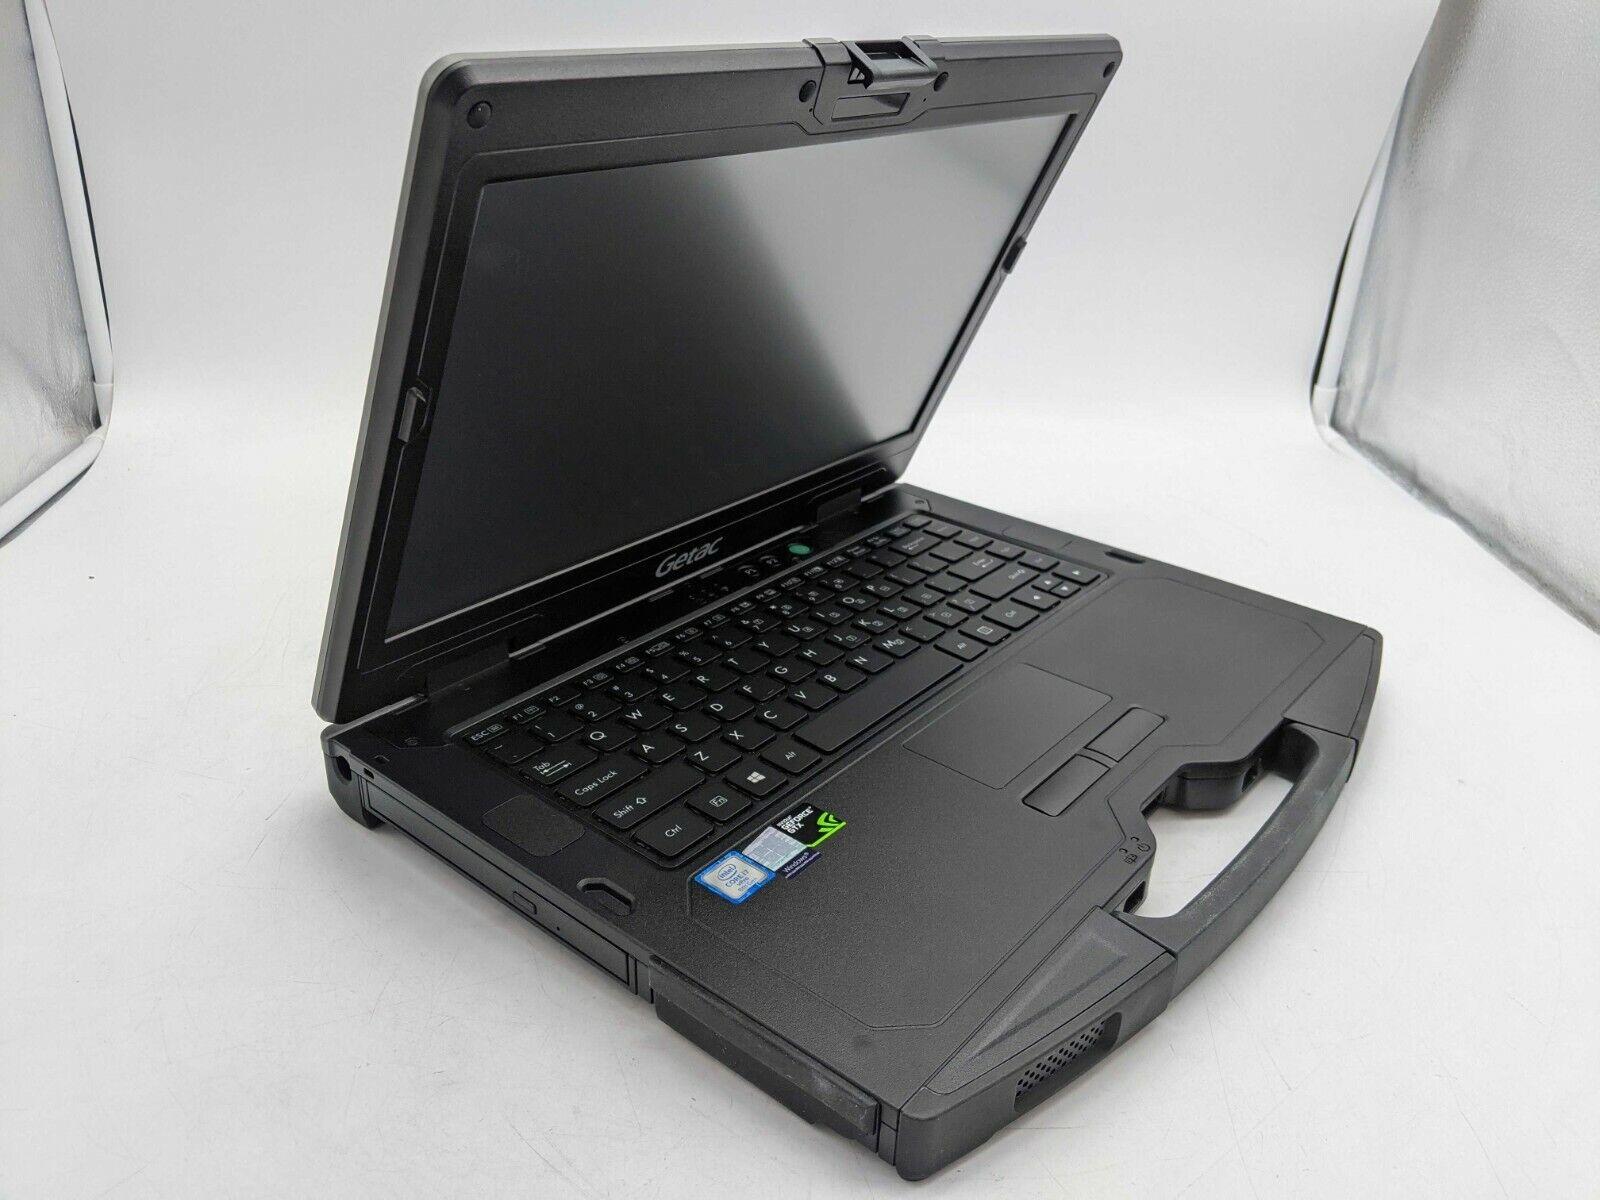 GETAC S410 G2 i7-8650U 16GB DDR4 Windows 10 512GB SSD GeForc